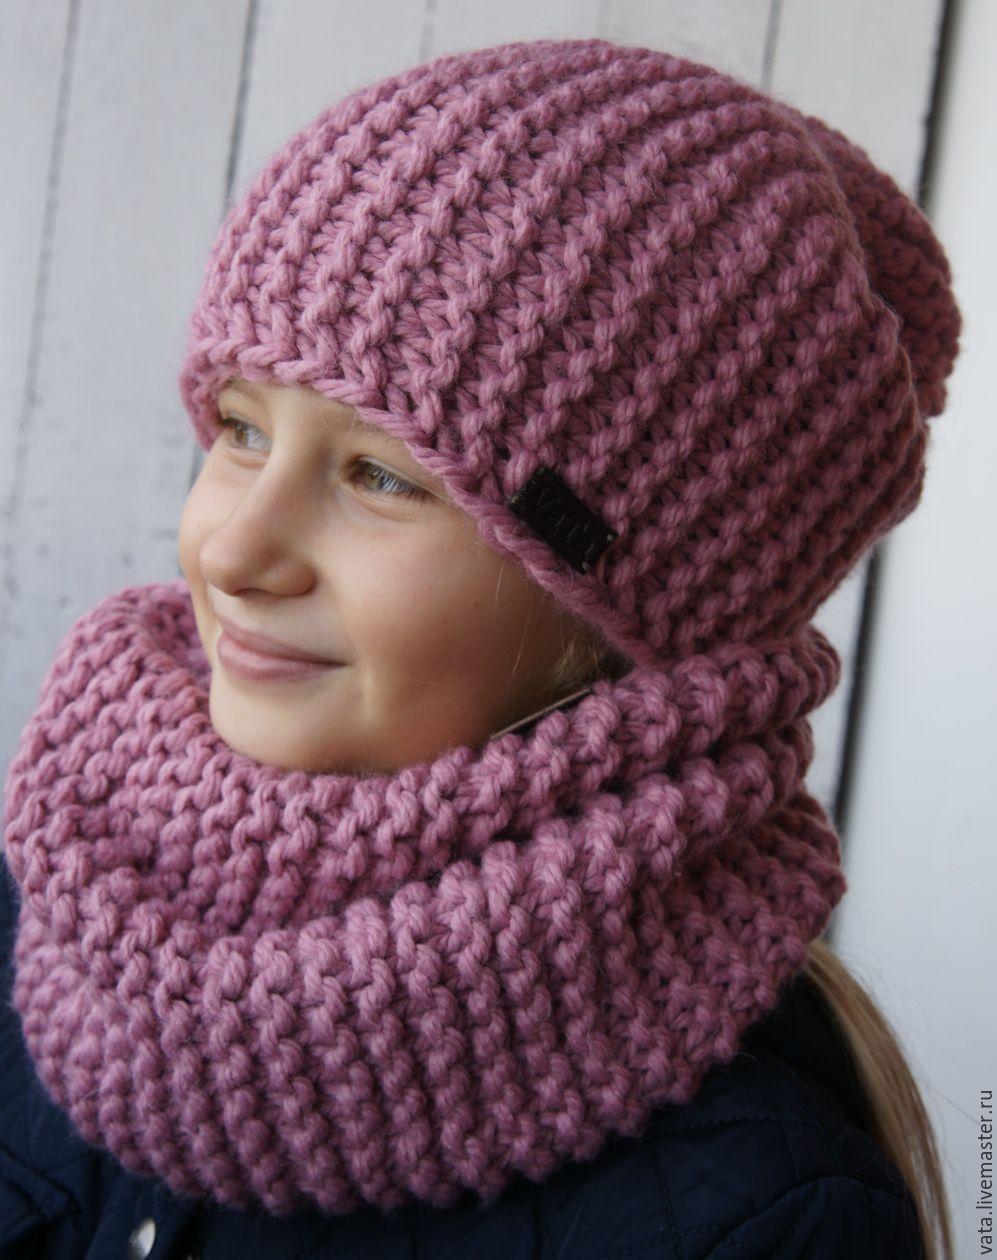 Вязаный комплект: шапка с цветами и снуд спицами. Описание